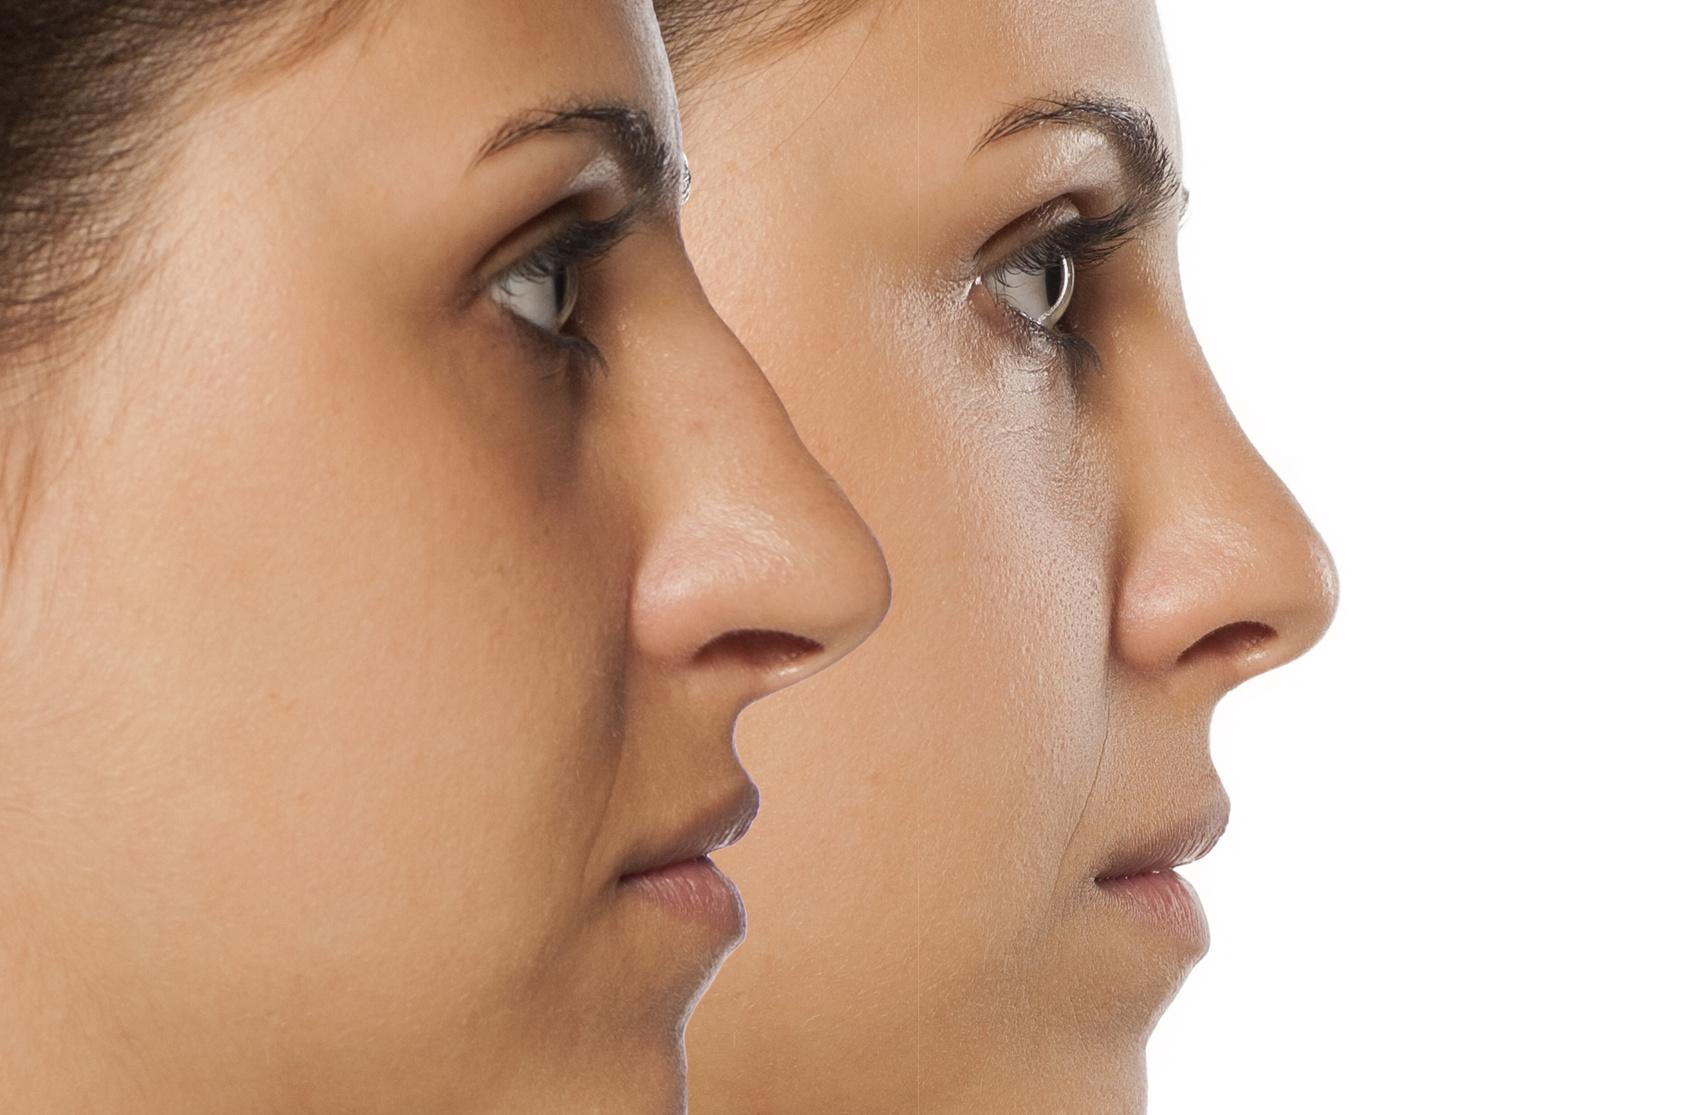 bezoperacyjna korekta nosa